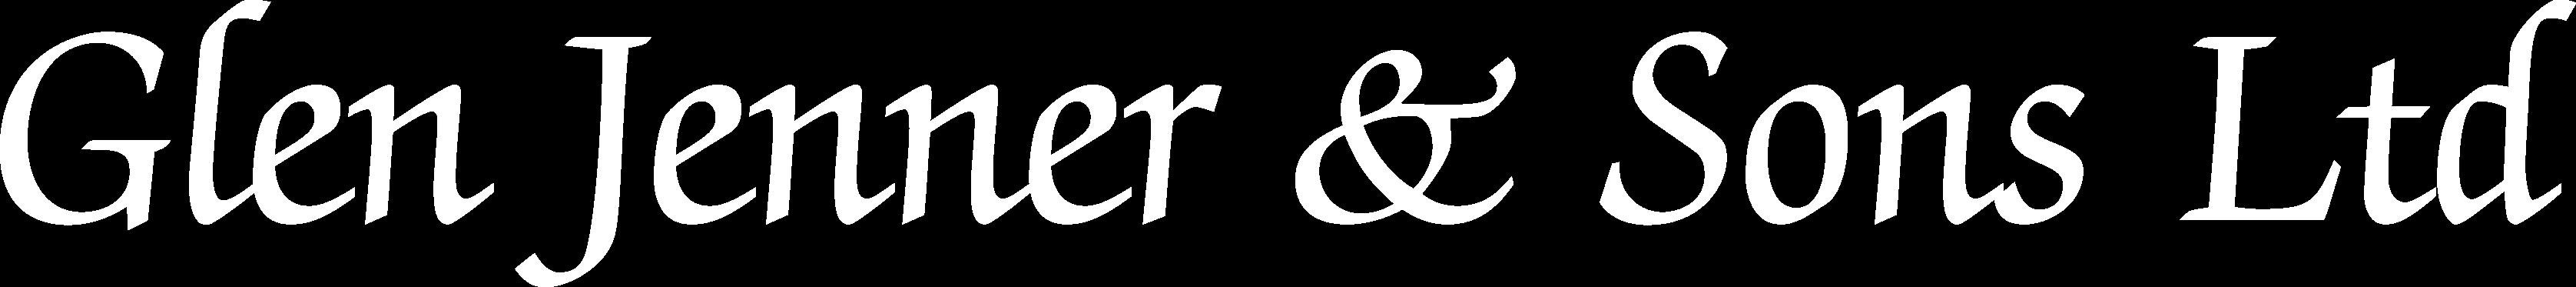 Glen Jenner & Sons Ltd